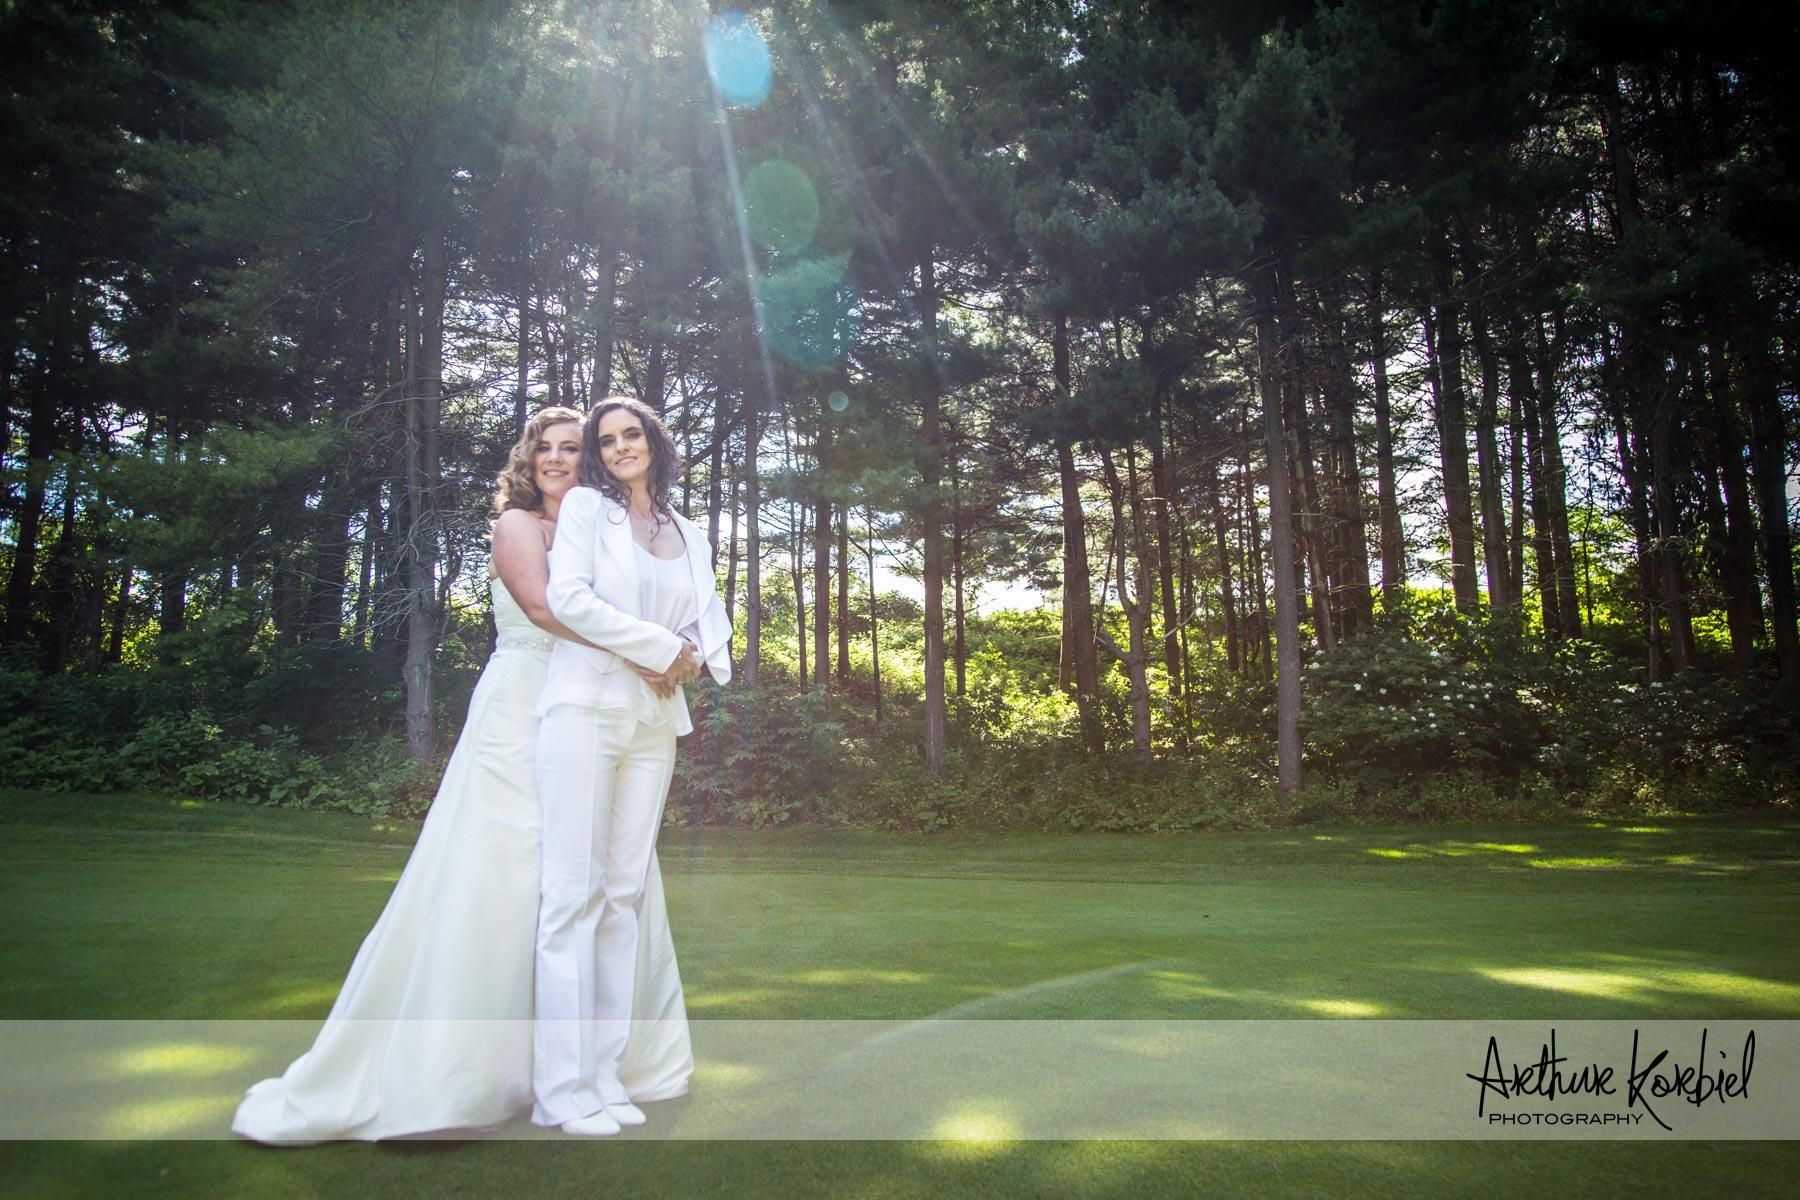 Arthur Korbiel Photography - London Wedding Photographer - SameSex-018.jpg